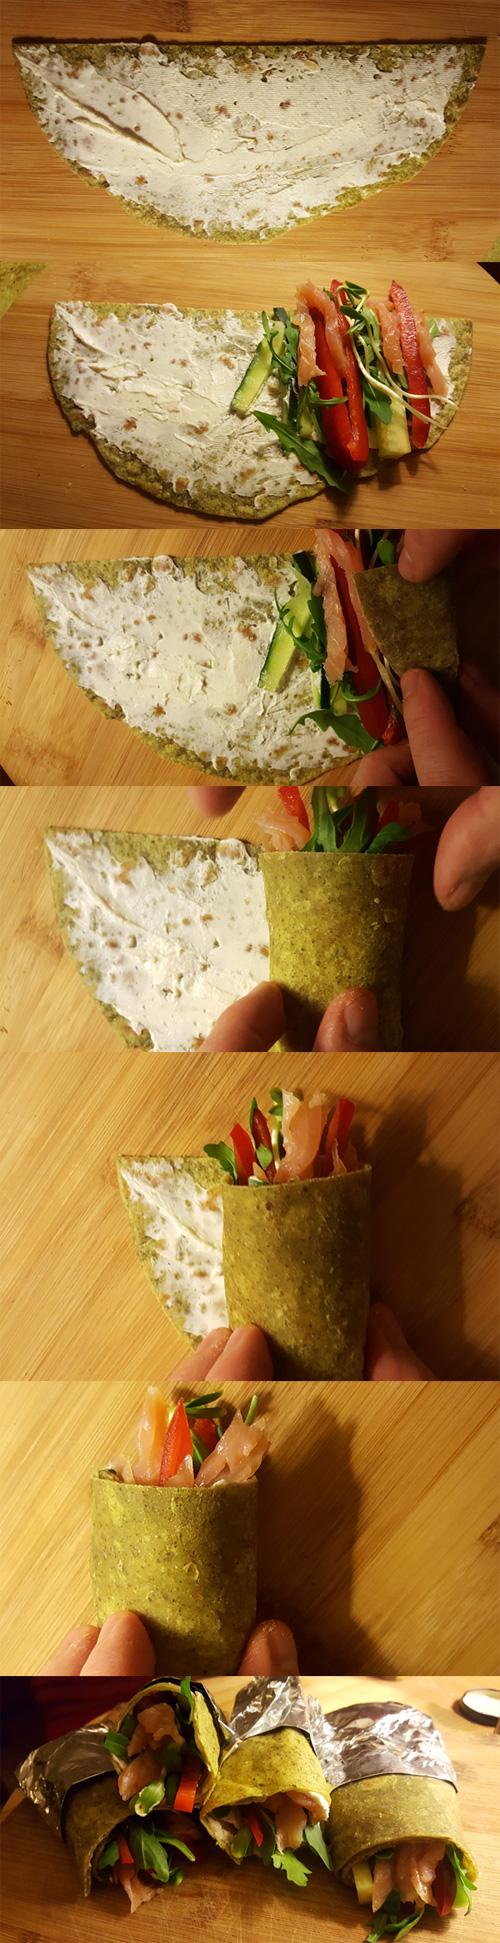 jak zwijać tortille